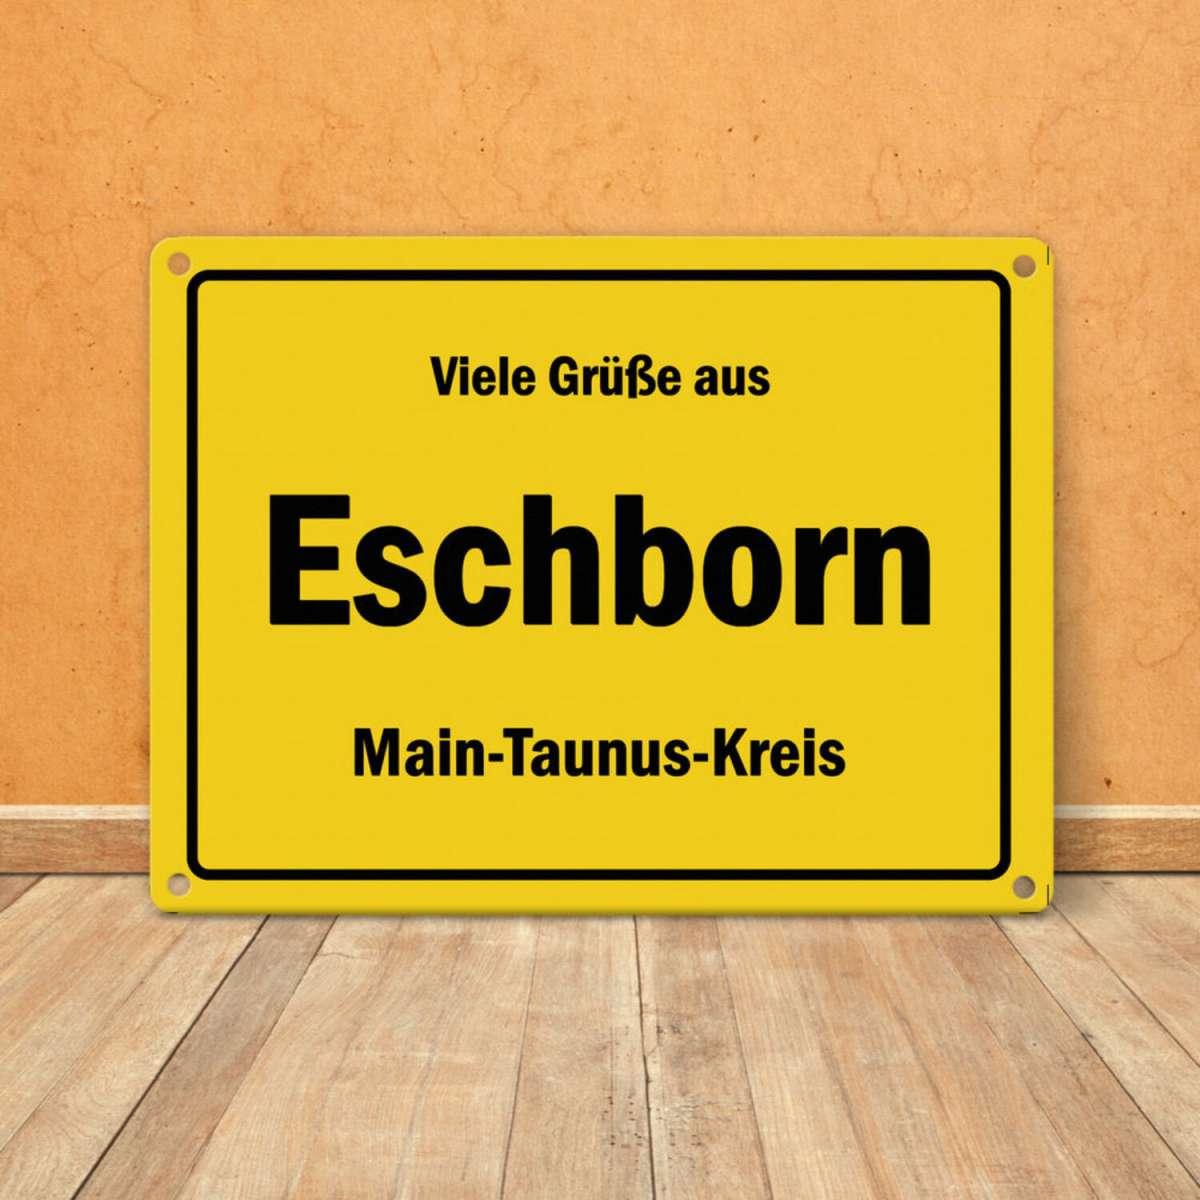 Eschborn Einkaufen